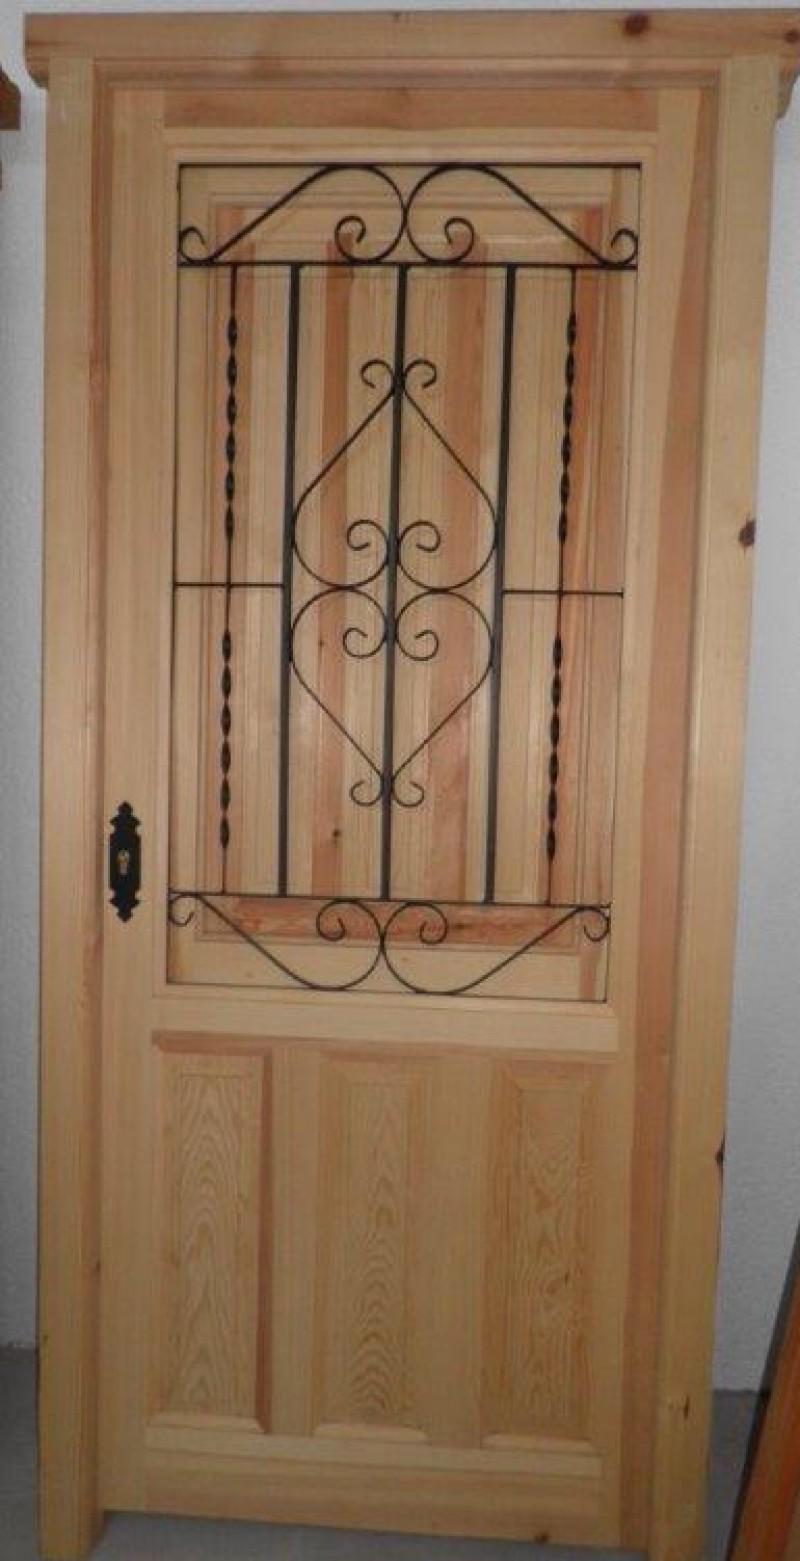 Puerta de madera de pino. Ventano con reja y contraventana. Mide 94 x 2,10 cm